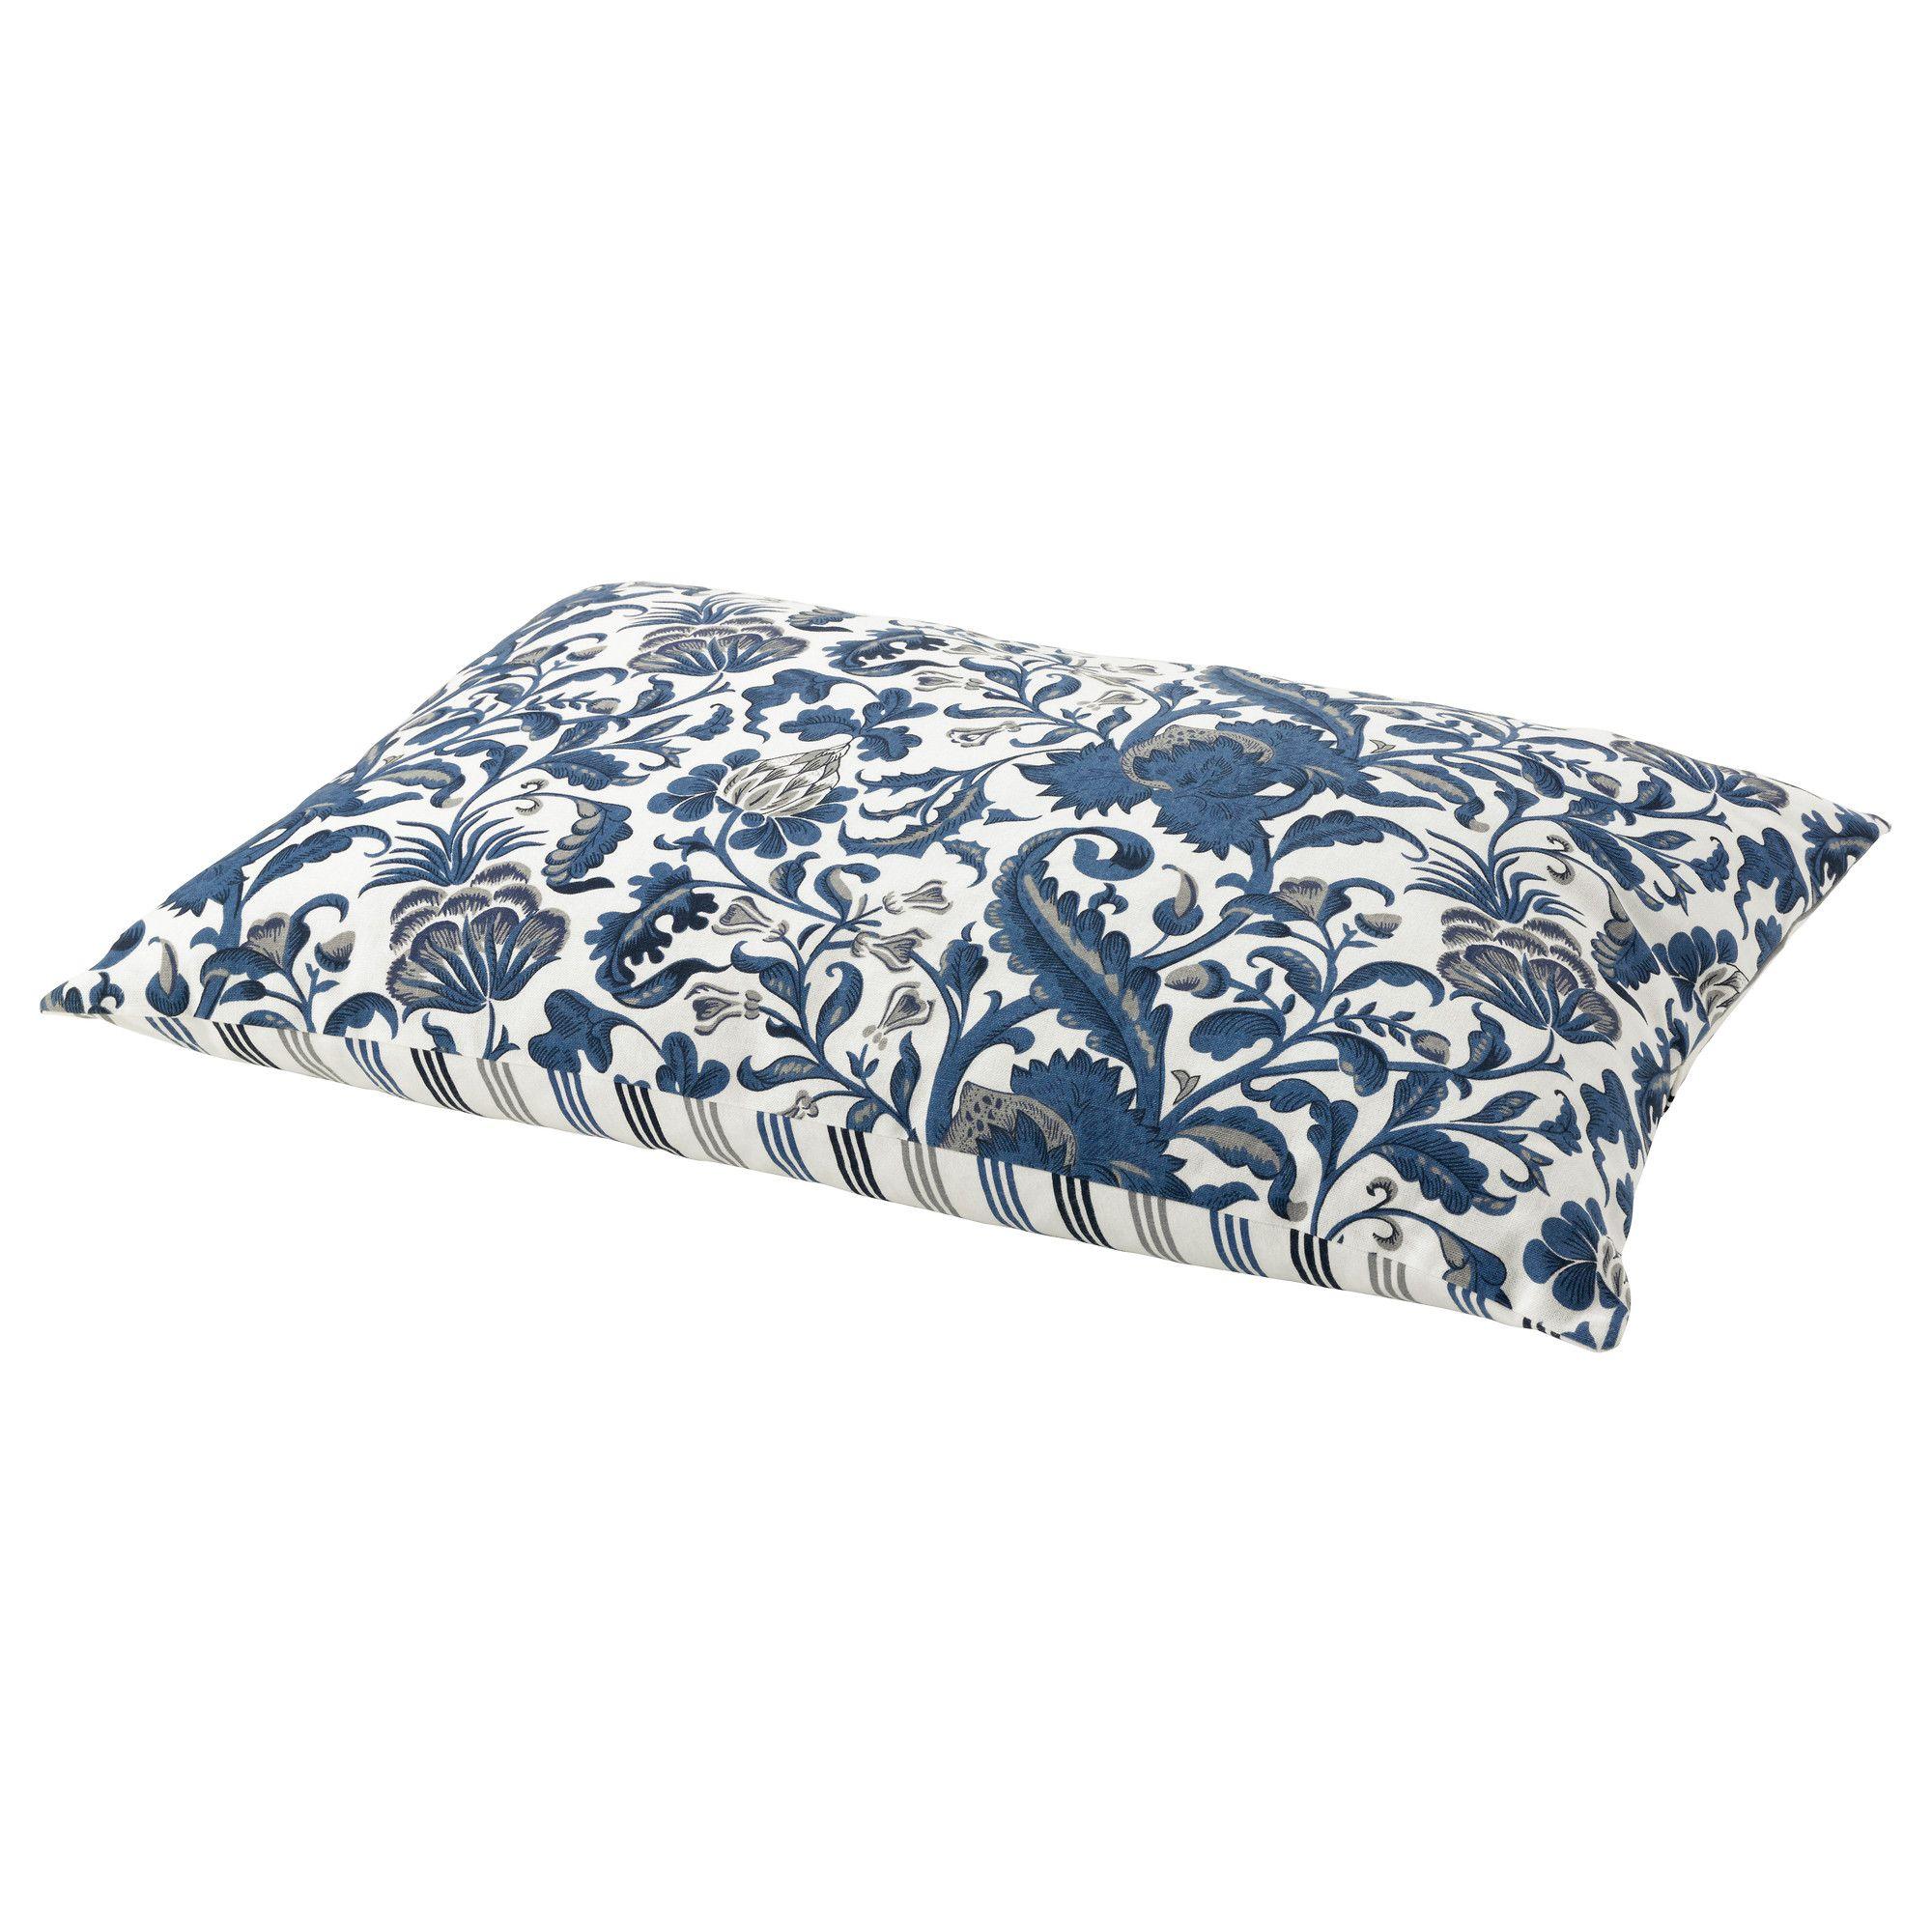 Ikea Federe Cuscini Divano mobili e accessori per l'arredamento della casa (con